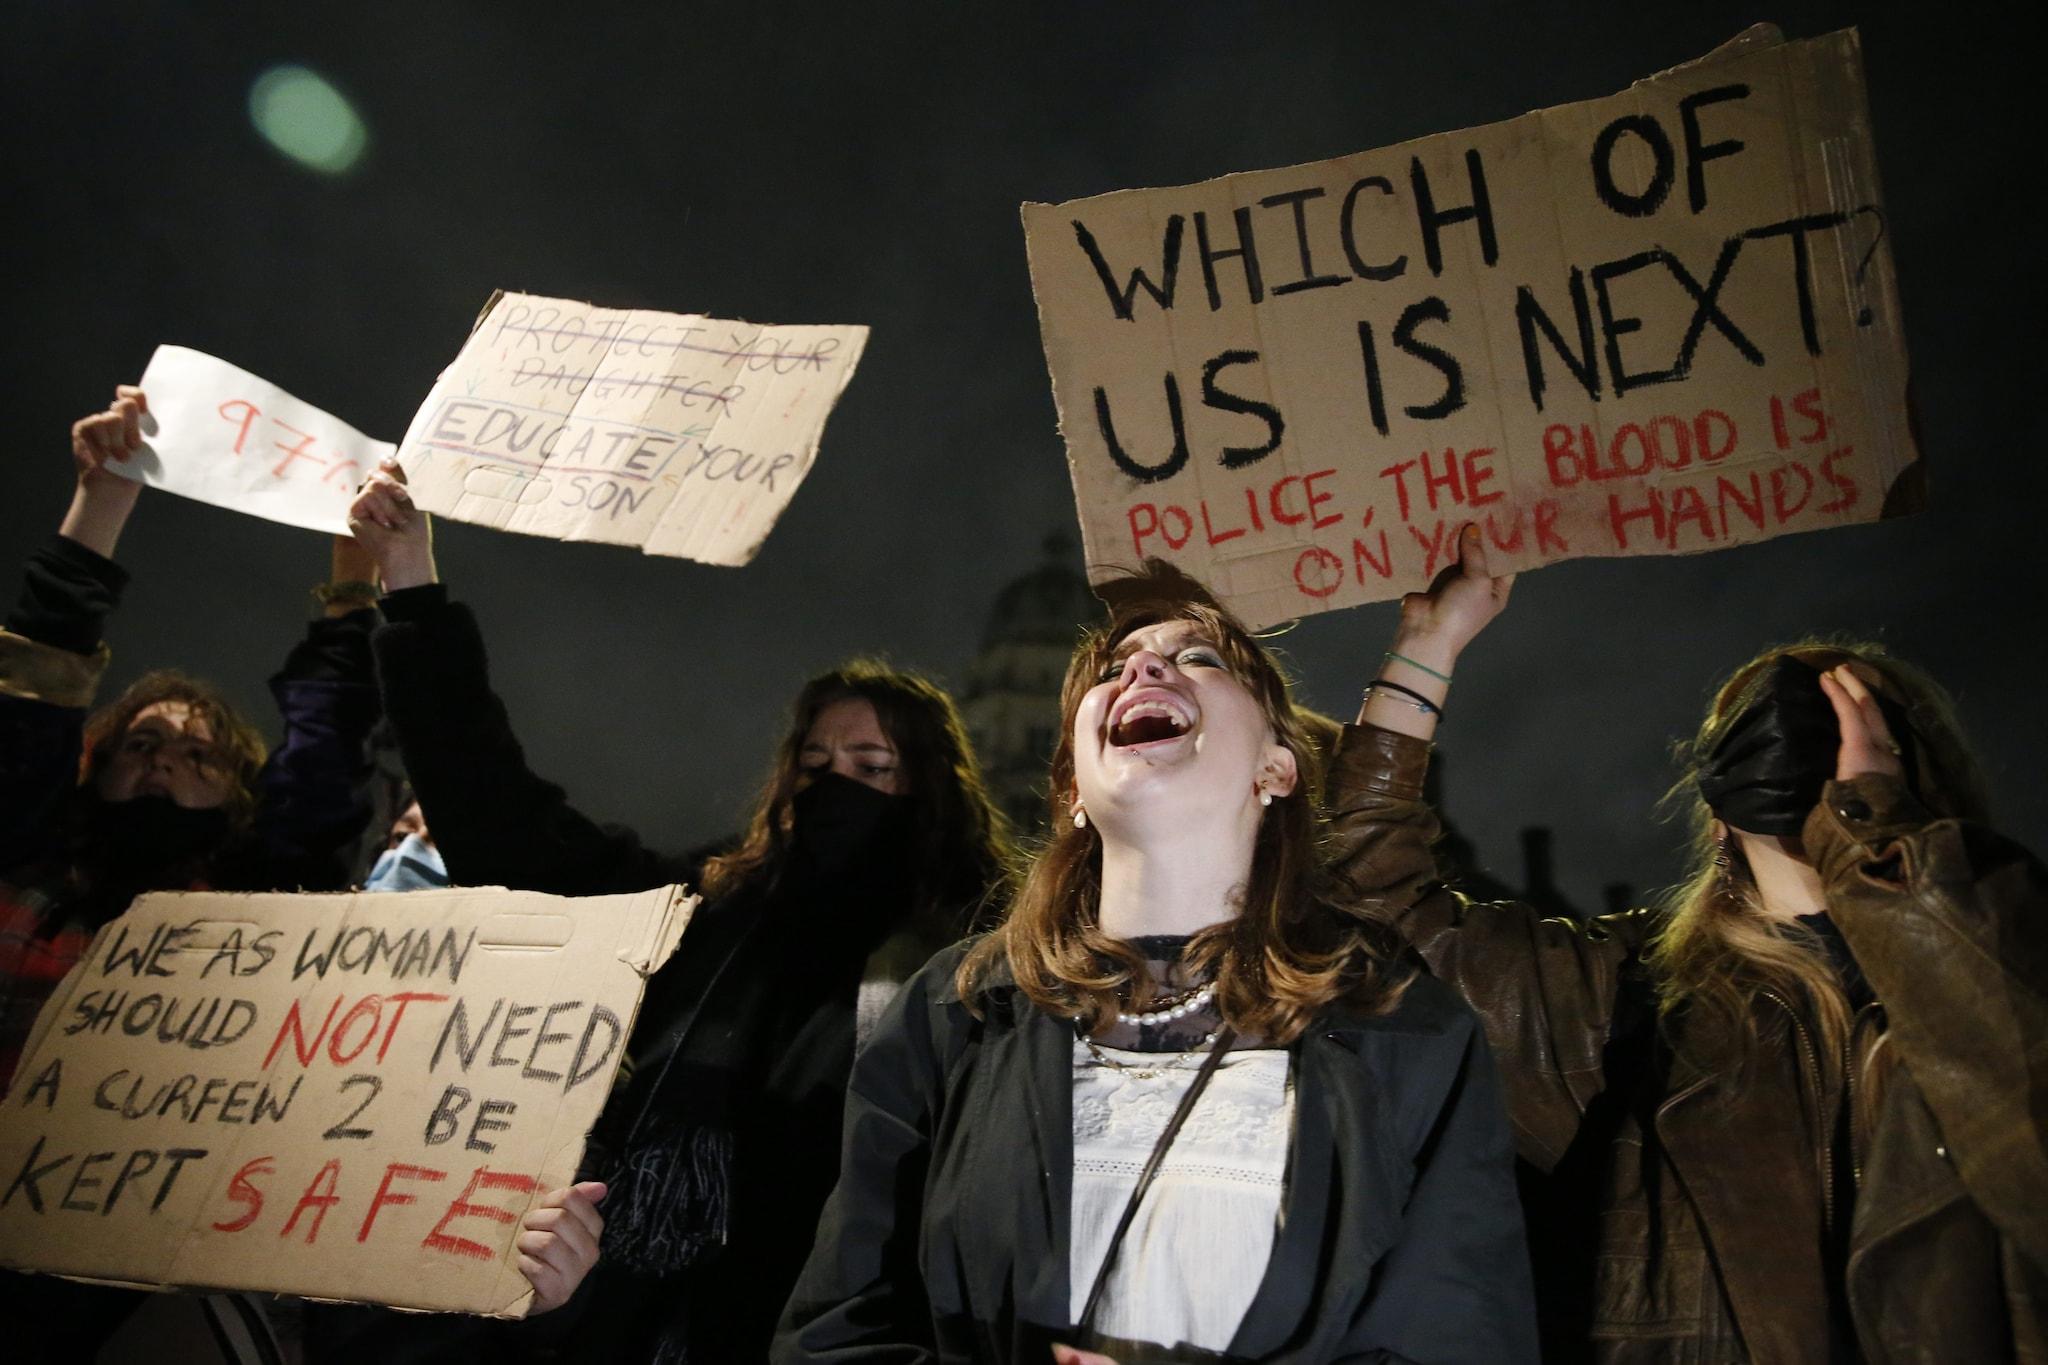 Le donne scese in piazza a Londra per protestare dopo l'omicidio di Sarah Everard